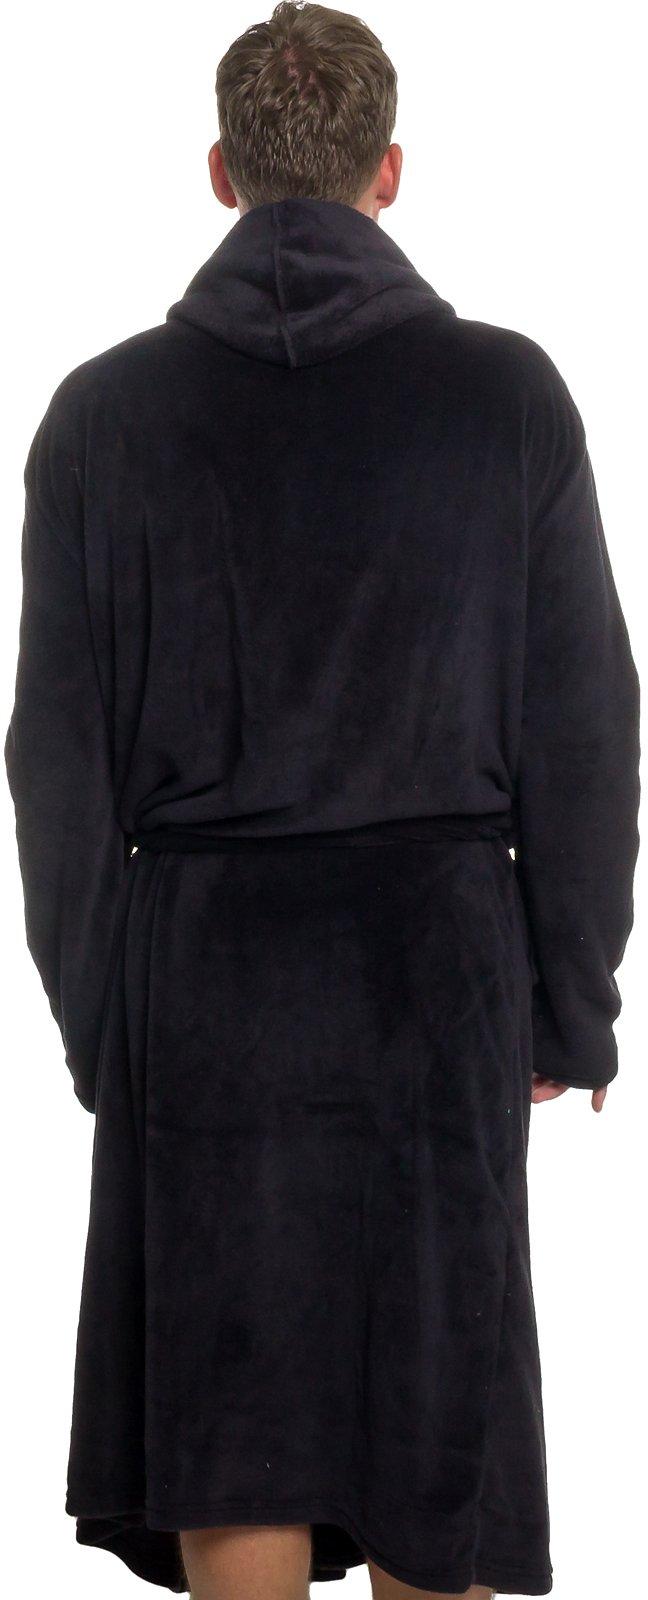 Ross Michaels Mens Hooded Robe - Plush Shawl Kimono Bathrobe (Black, XXL) by Ross Michaels (Image #3)